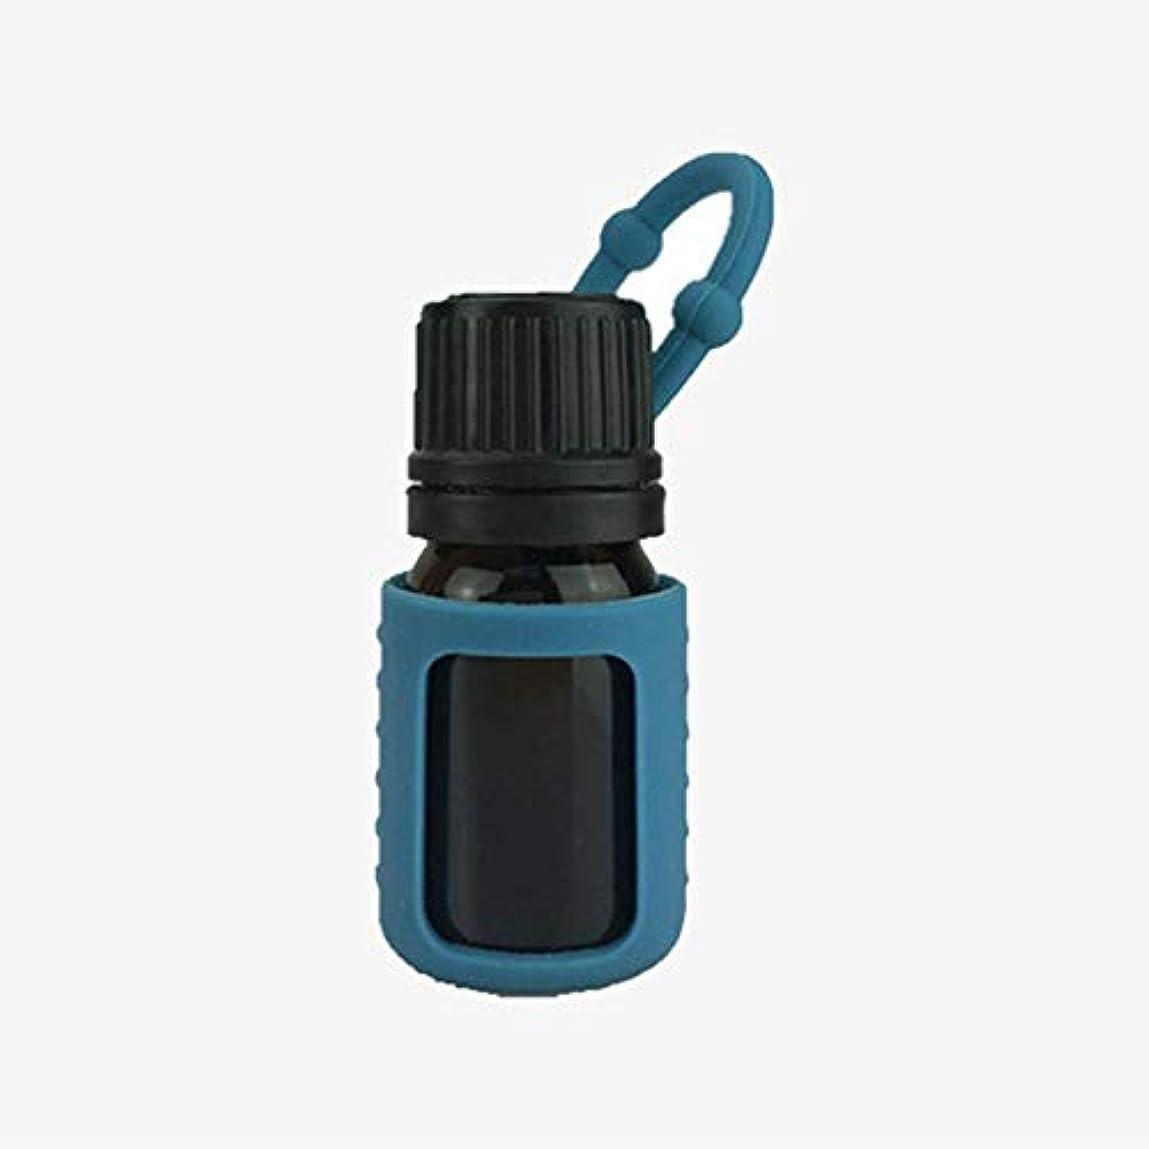 シリコンスリーブ5/10 / 15mlエッセンシャルオイルボトルプロテクターシリコン保護ケースカバーランダムカラー